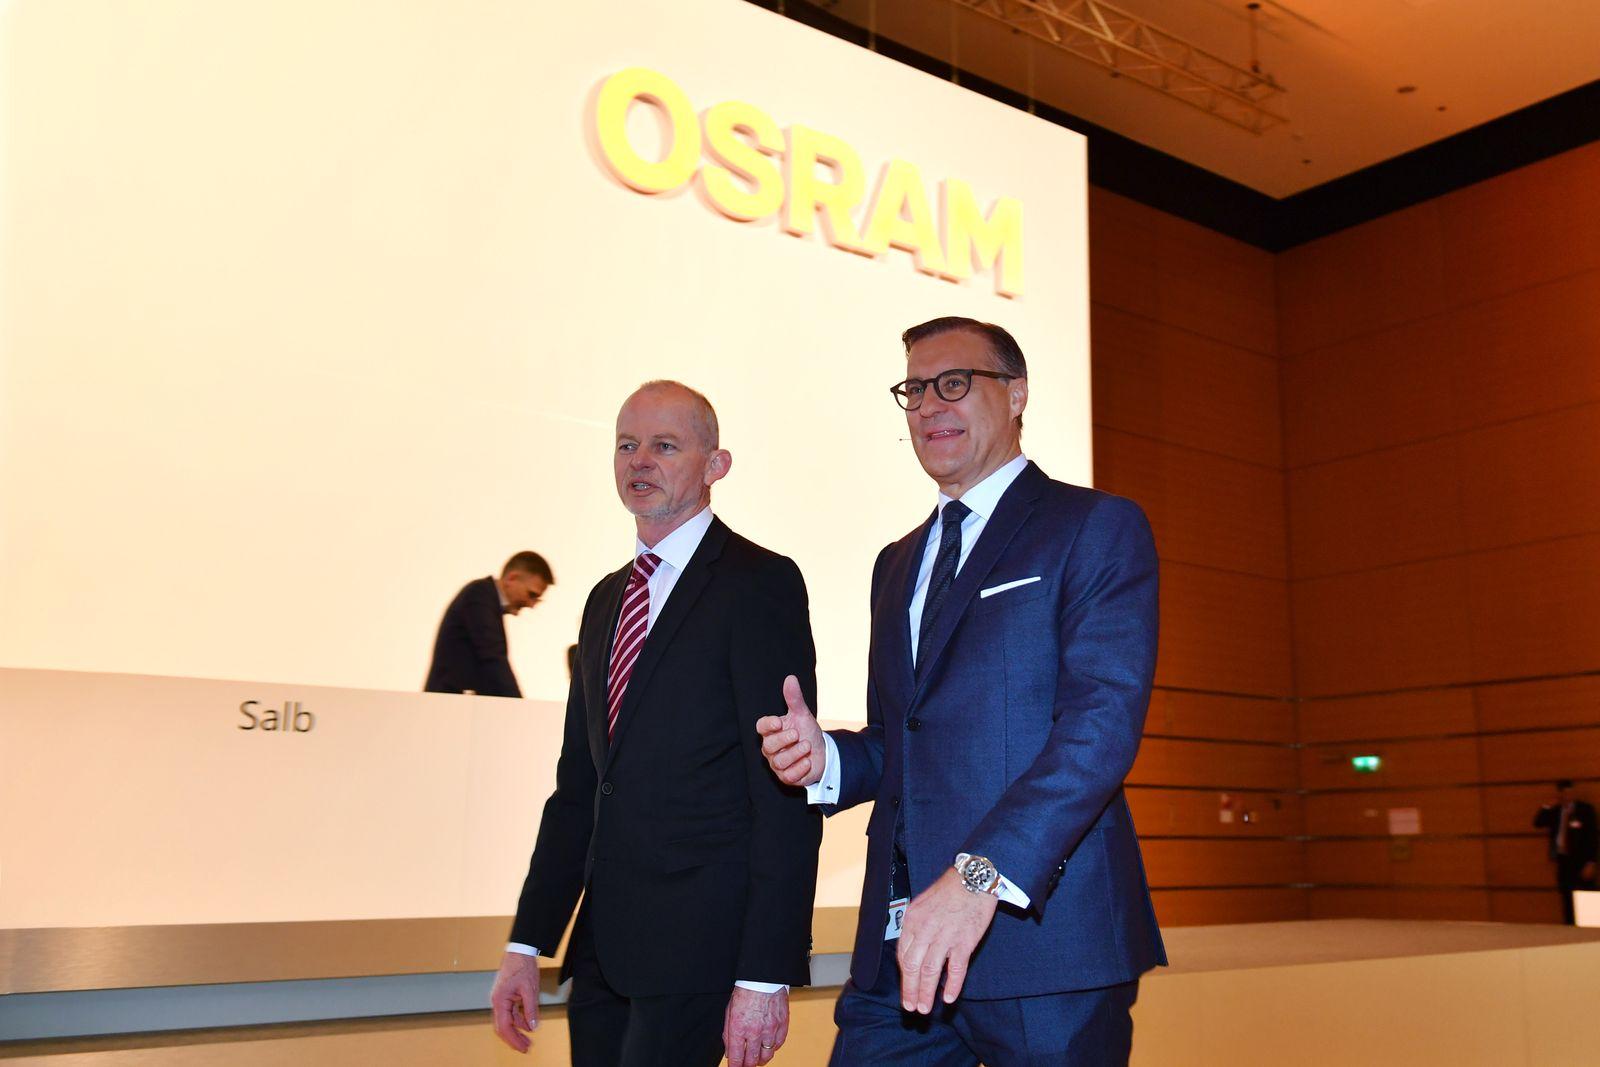 OSRAM Hauptversammlung 2020.